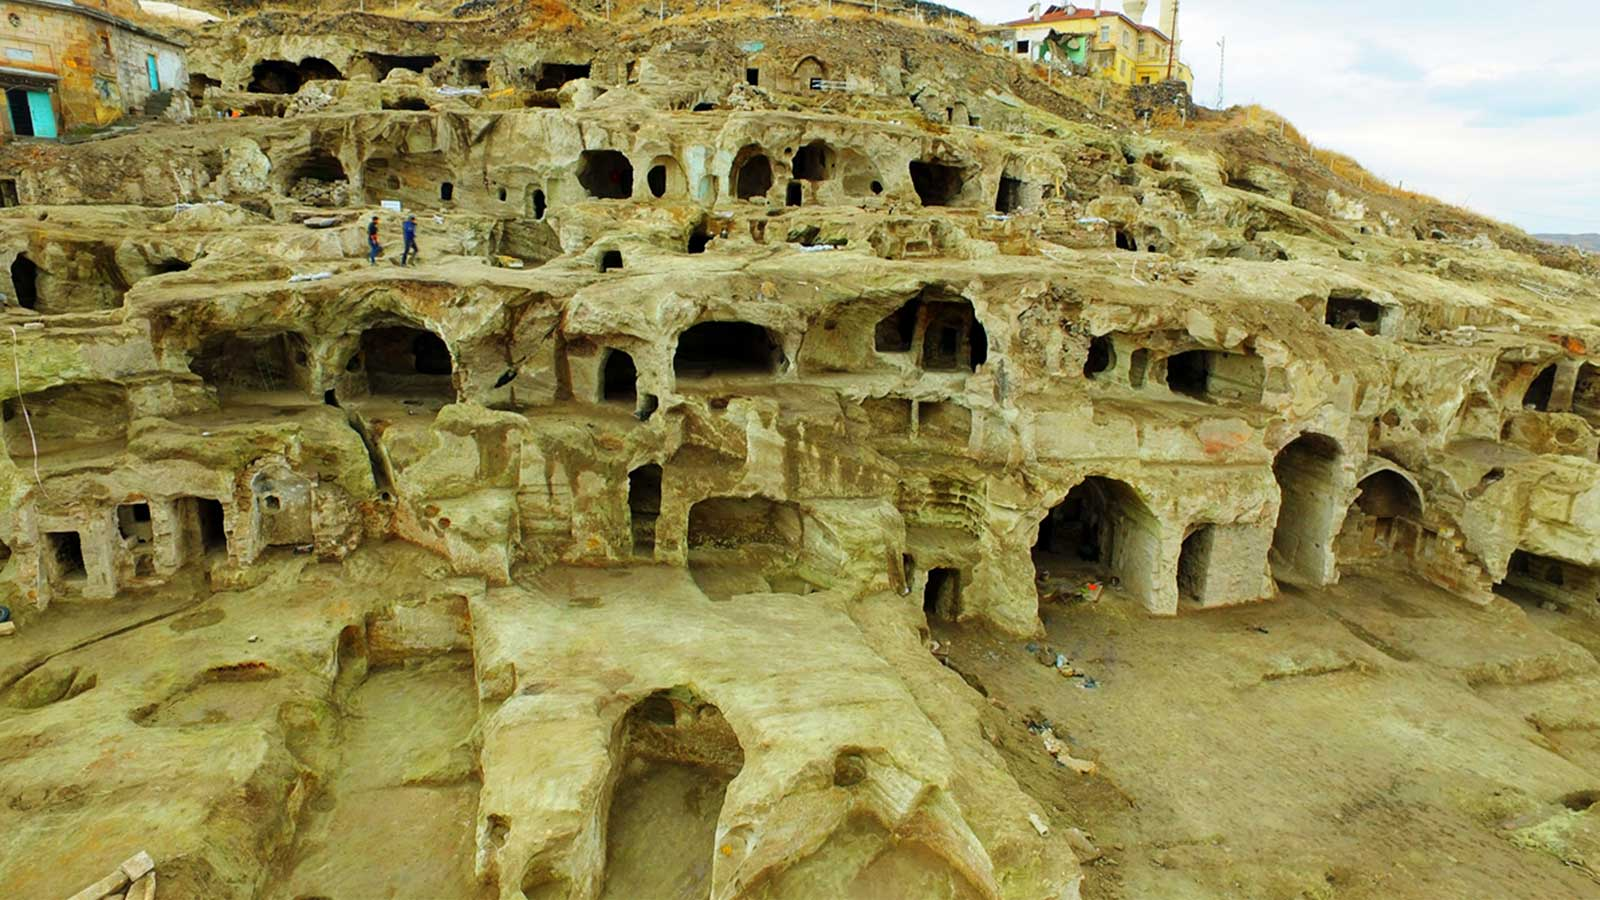 Vast Underground City Found Nevsehir